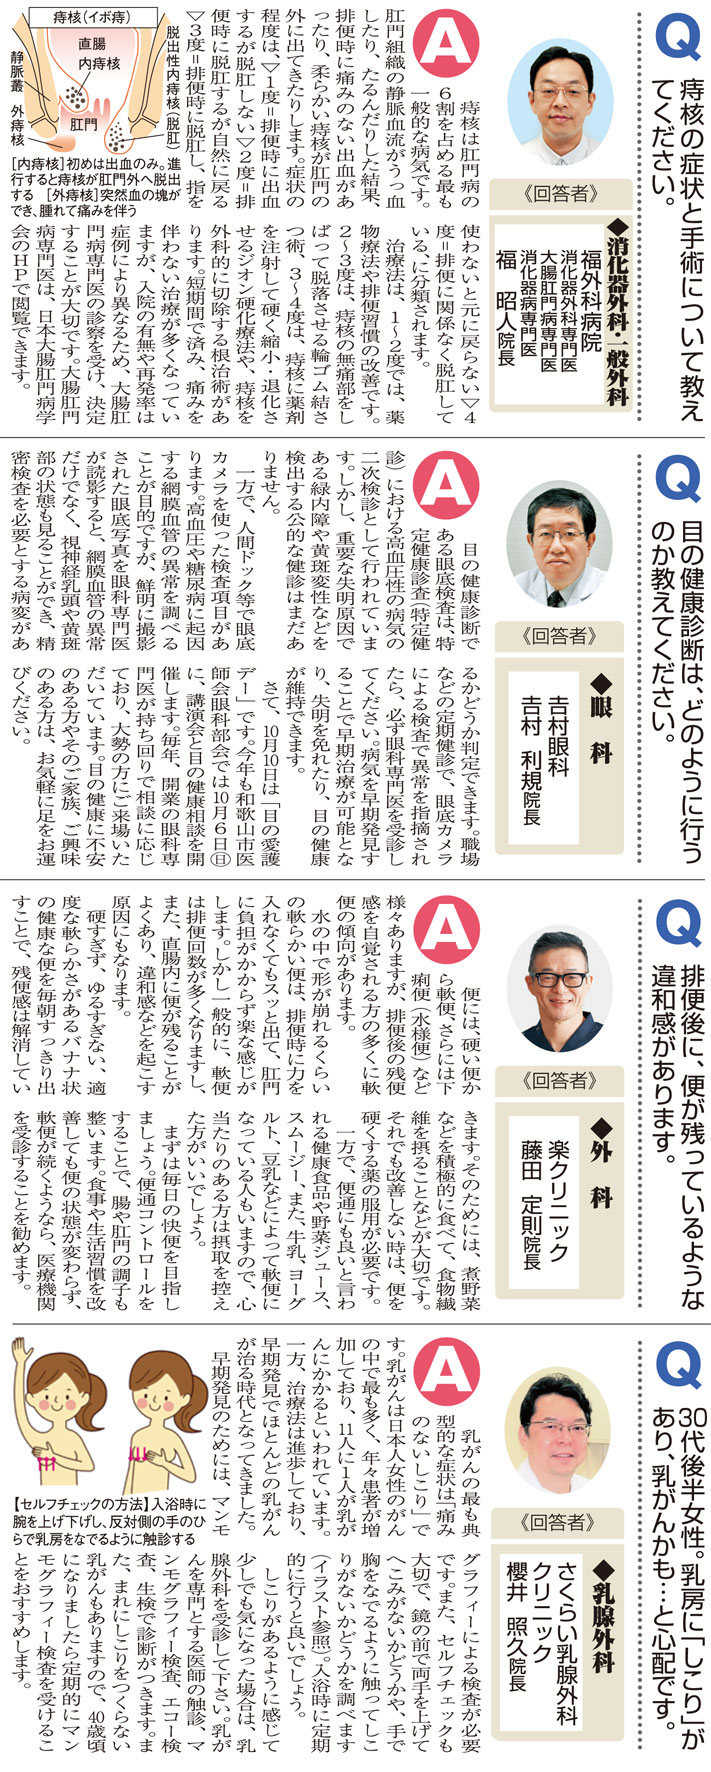 おしえて!マイドクターQ&A「痔核」「目の健康診断」「残便感」「乳がん」(2019.8.24)